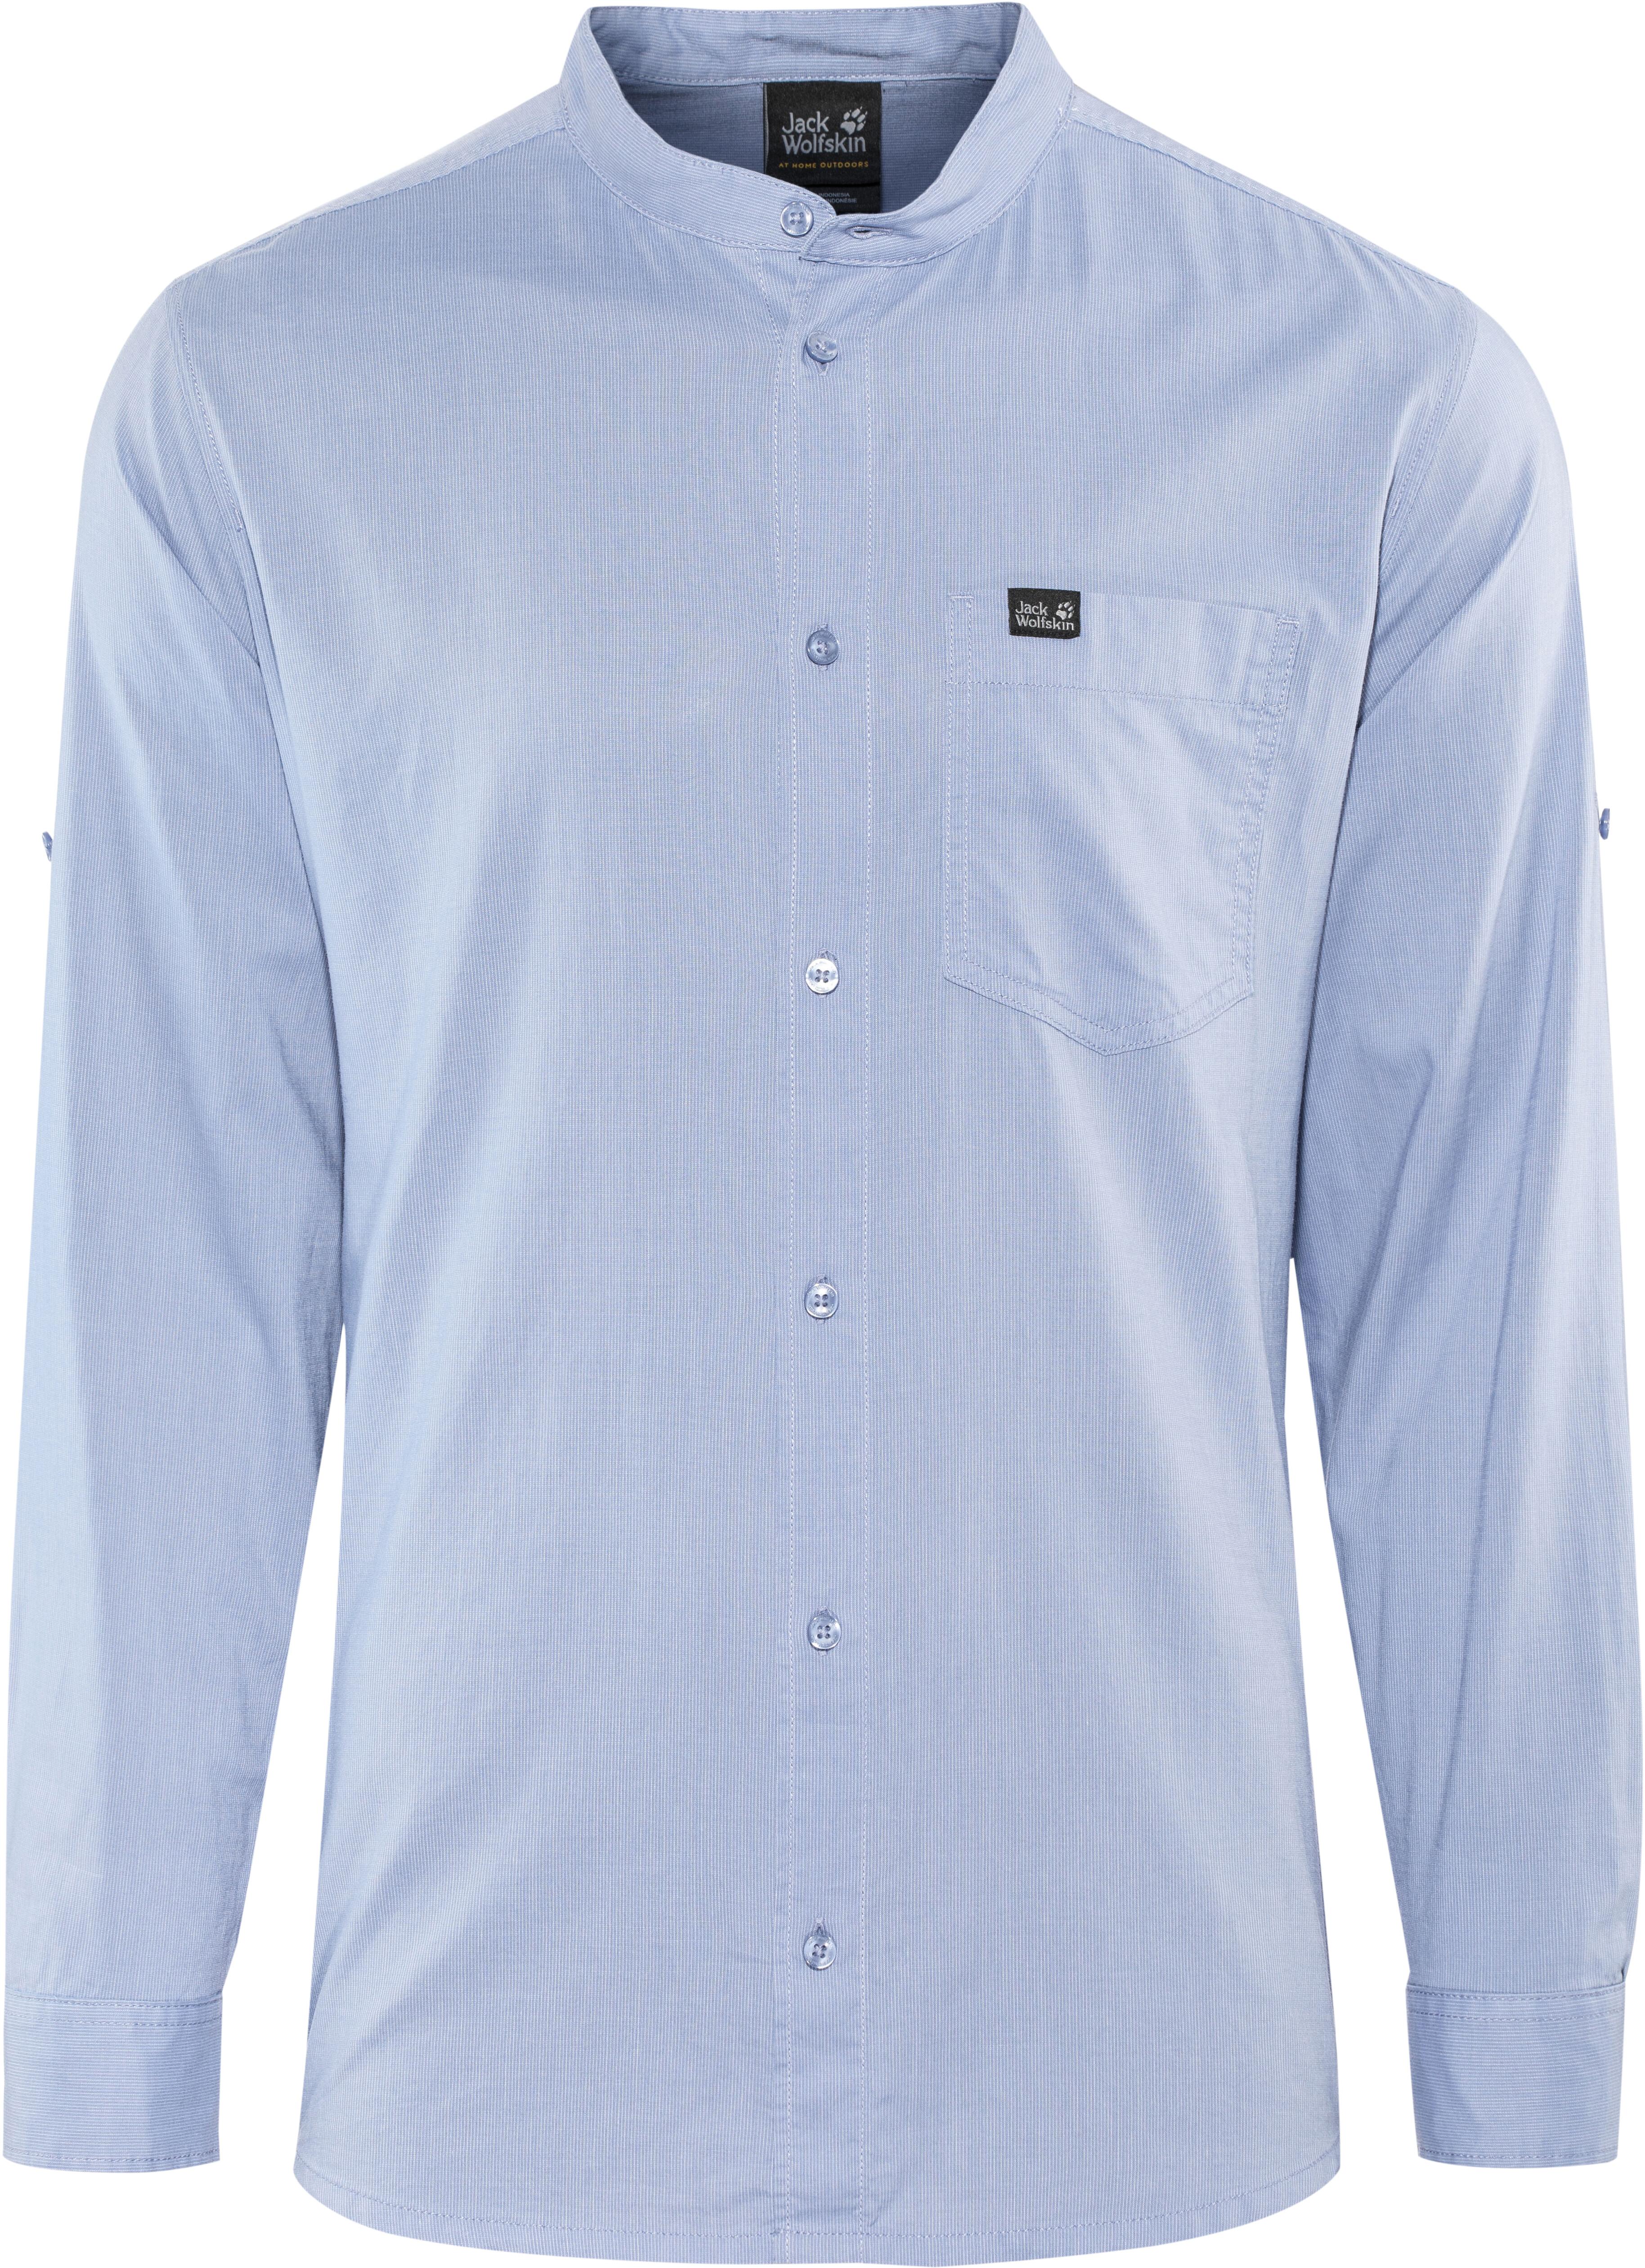 produkty wysokiej jakości niesamowite ceny super jakość Jack Wolfskin Indian Springs Shirt Men dusk blue stripes